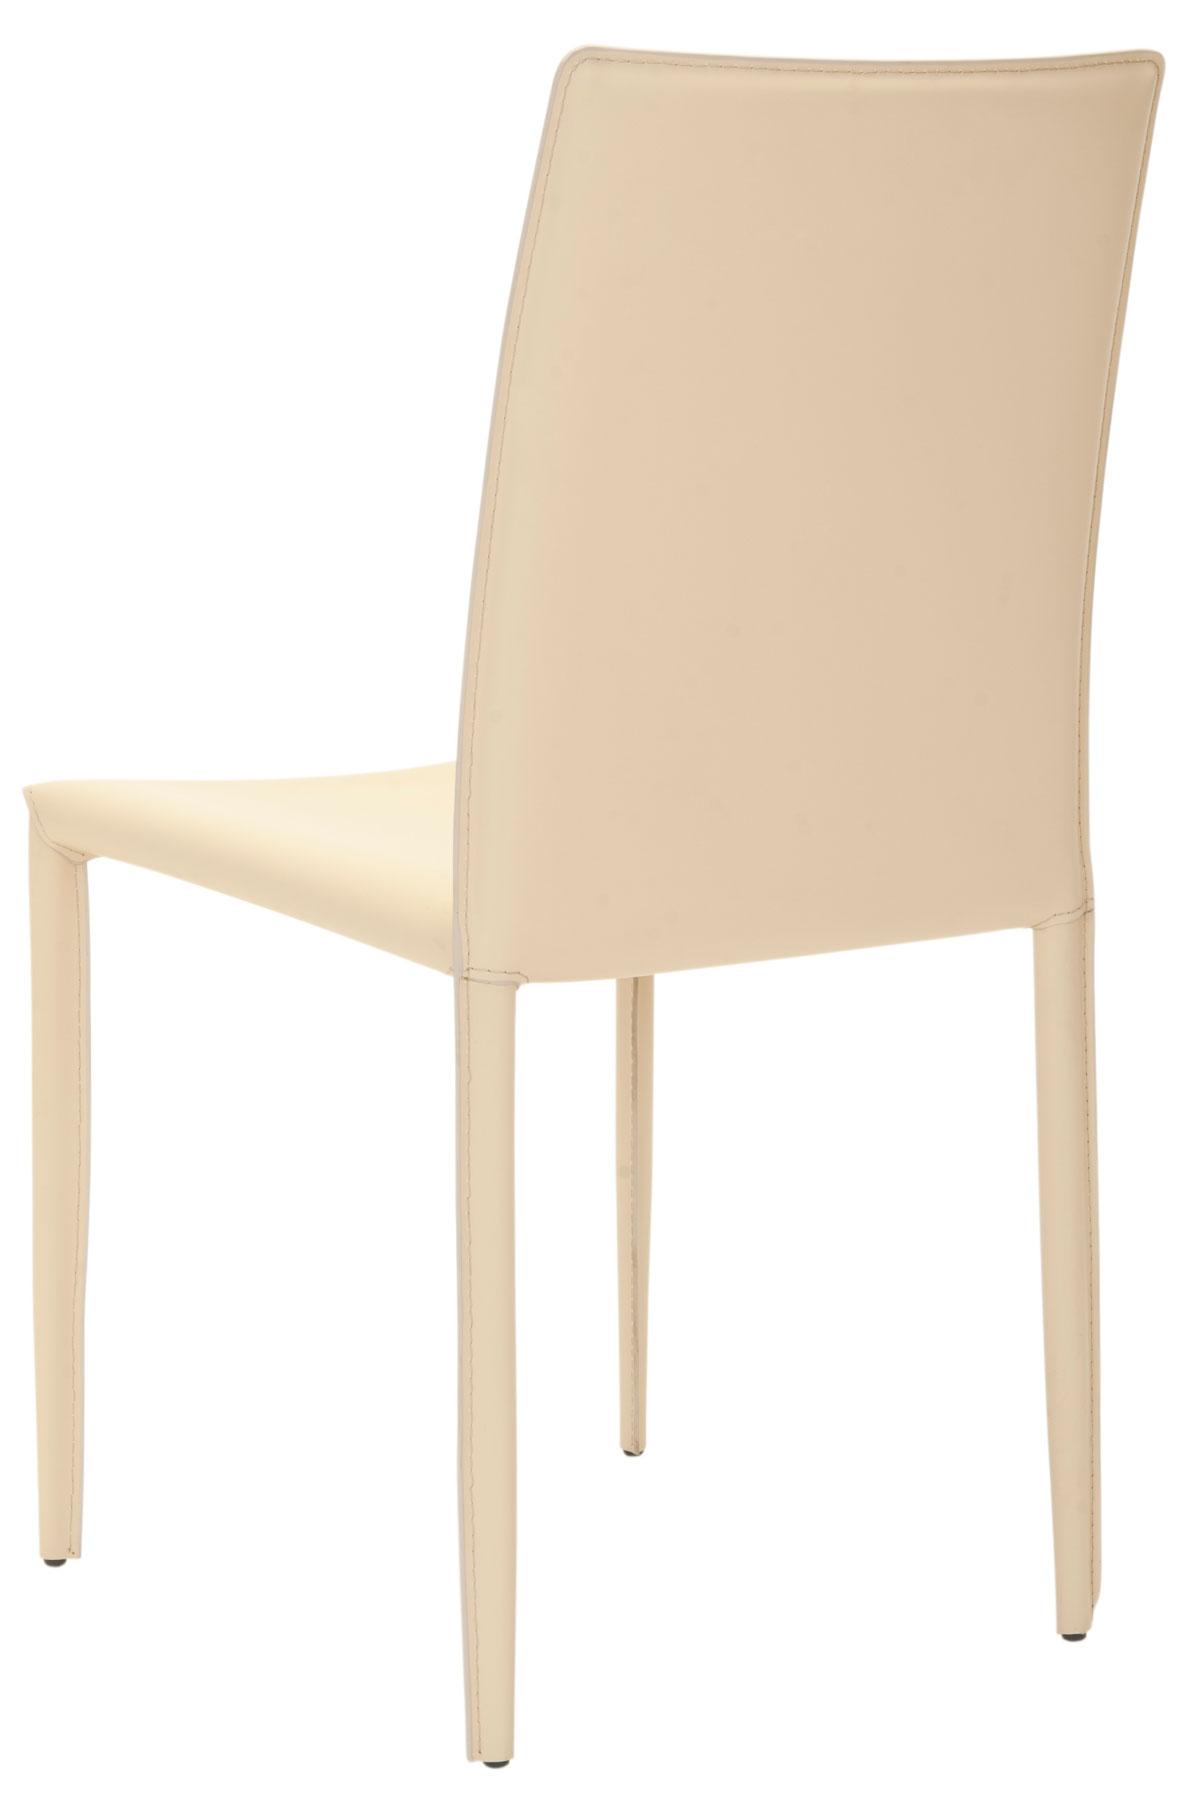 safavieh karna dining chair bean bag chairs canada fox2009e set2 furniture by